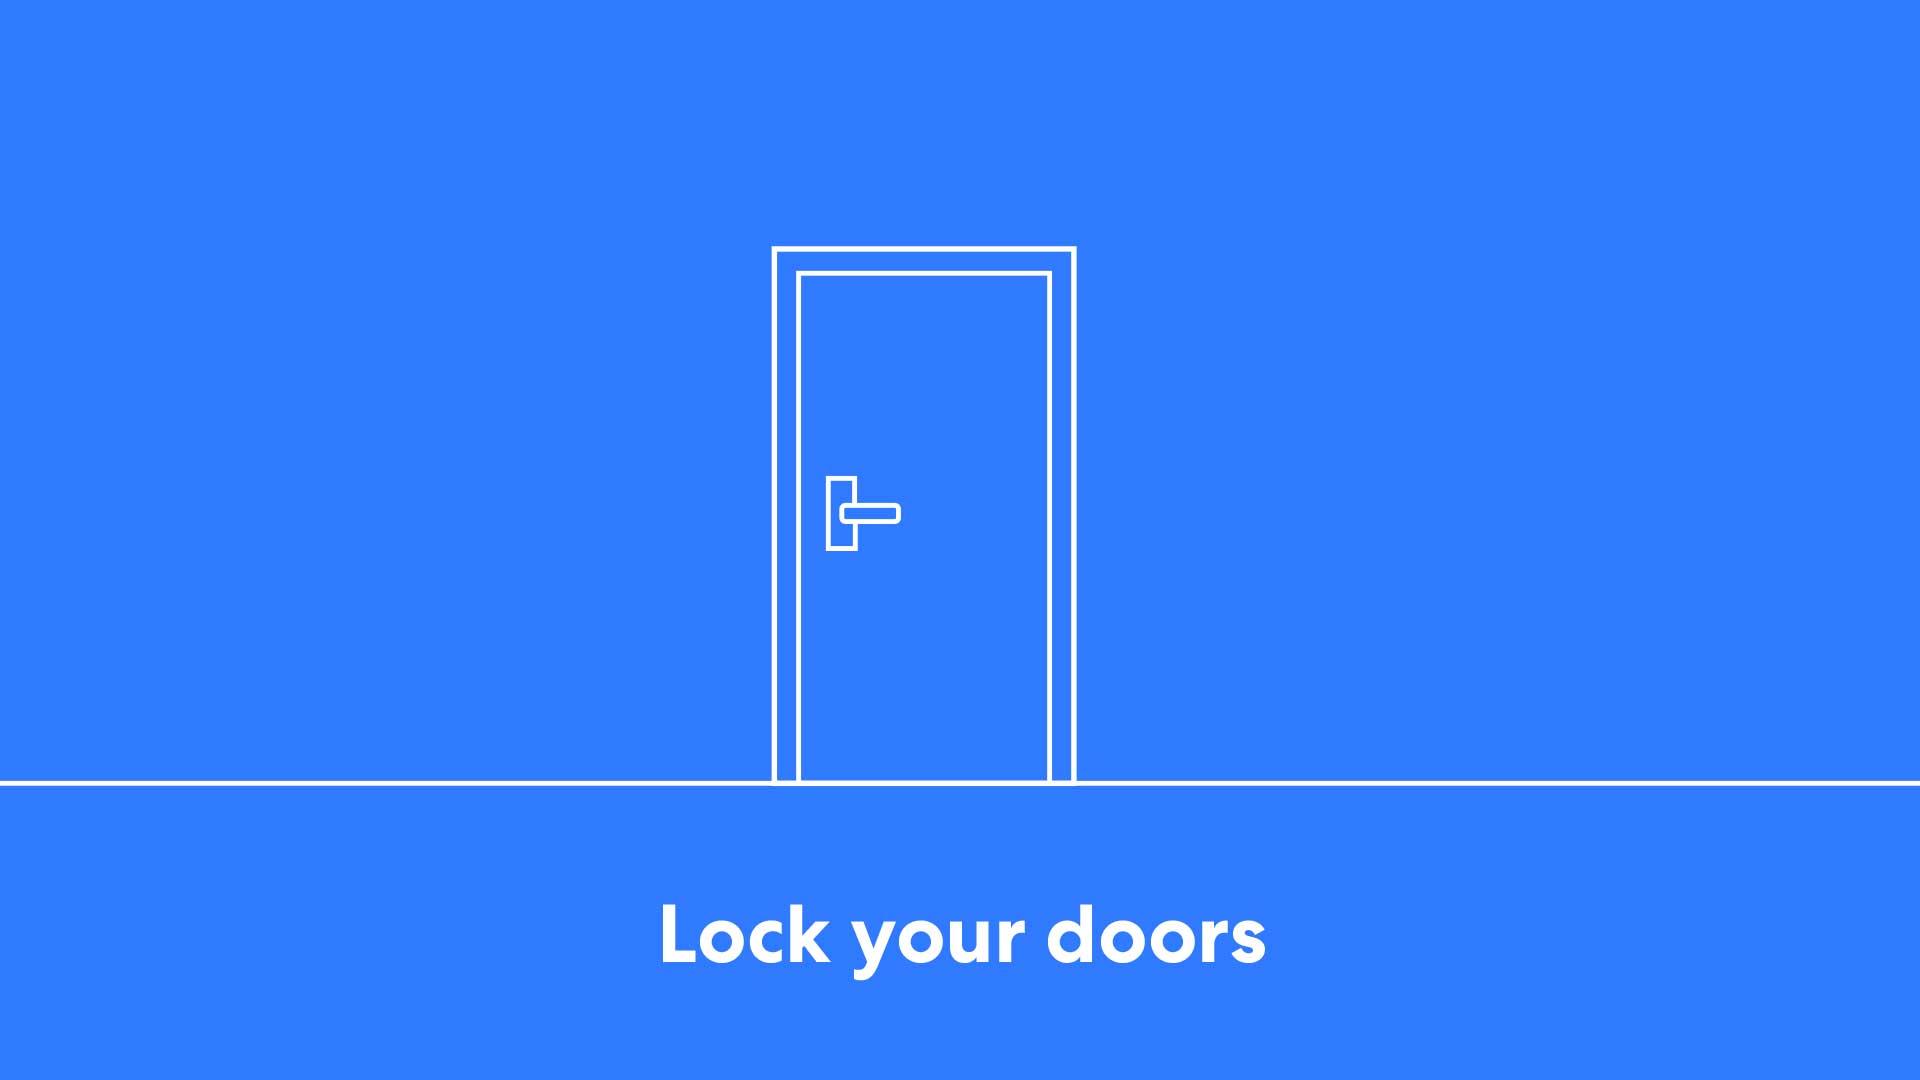 image relates to Lock your door